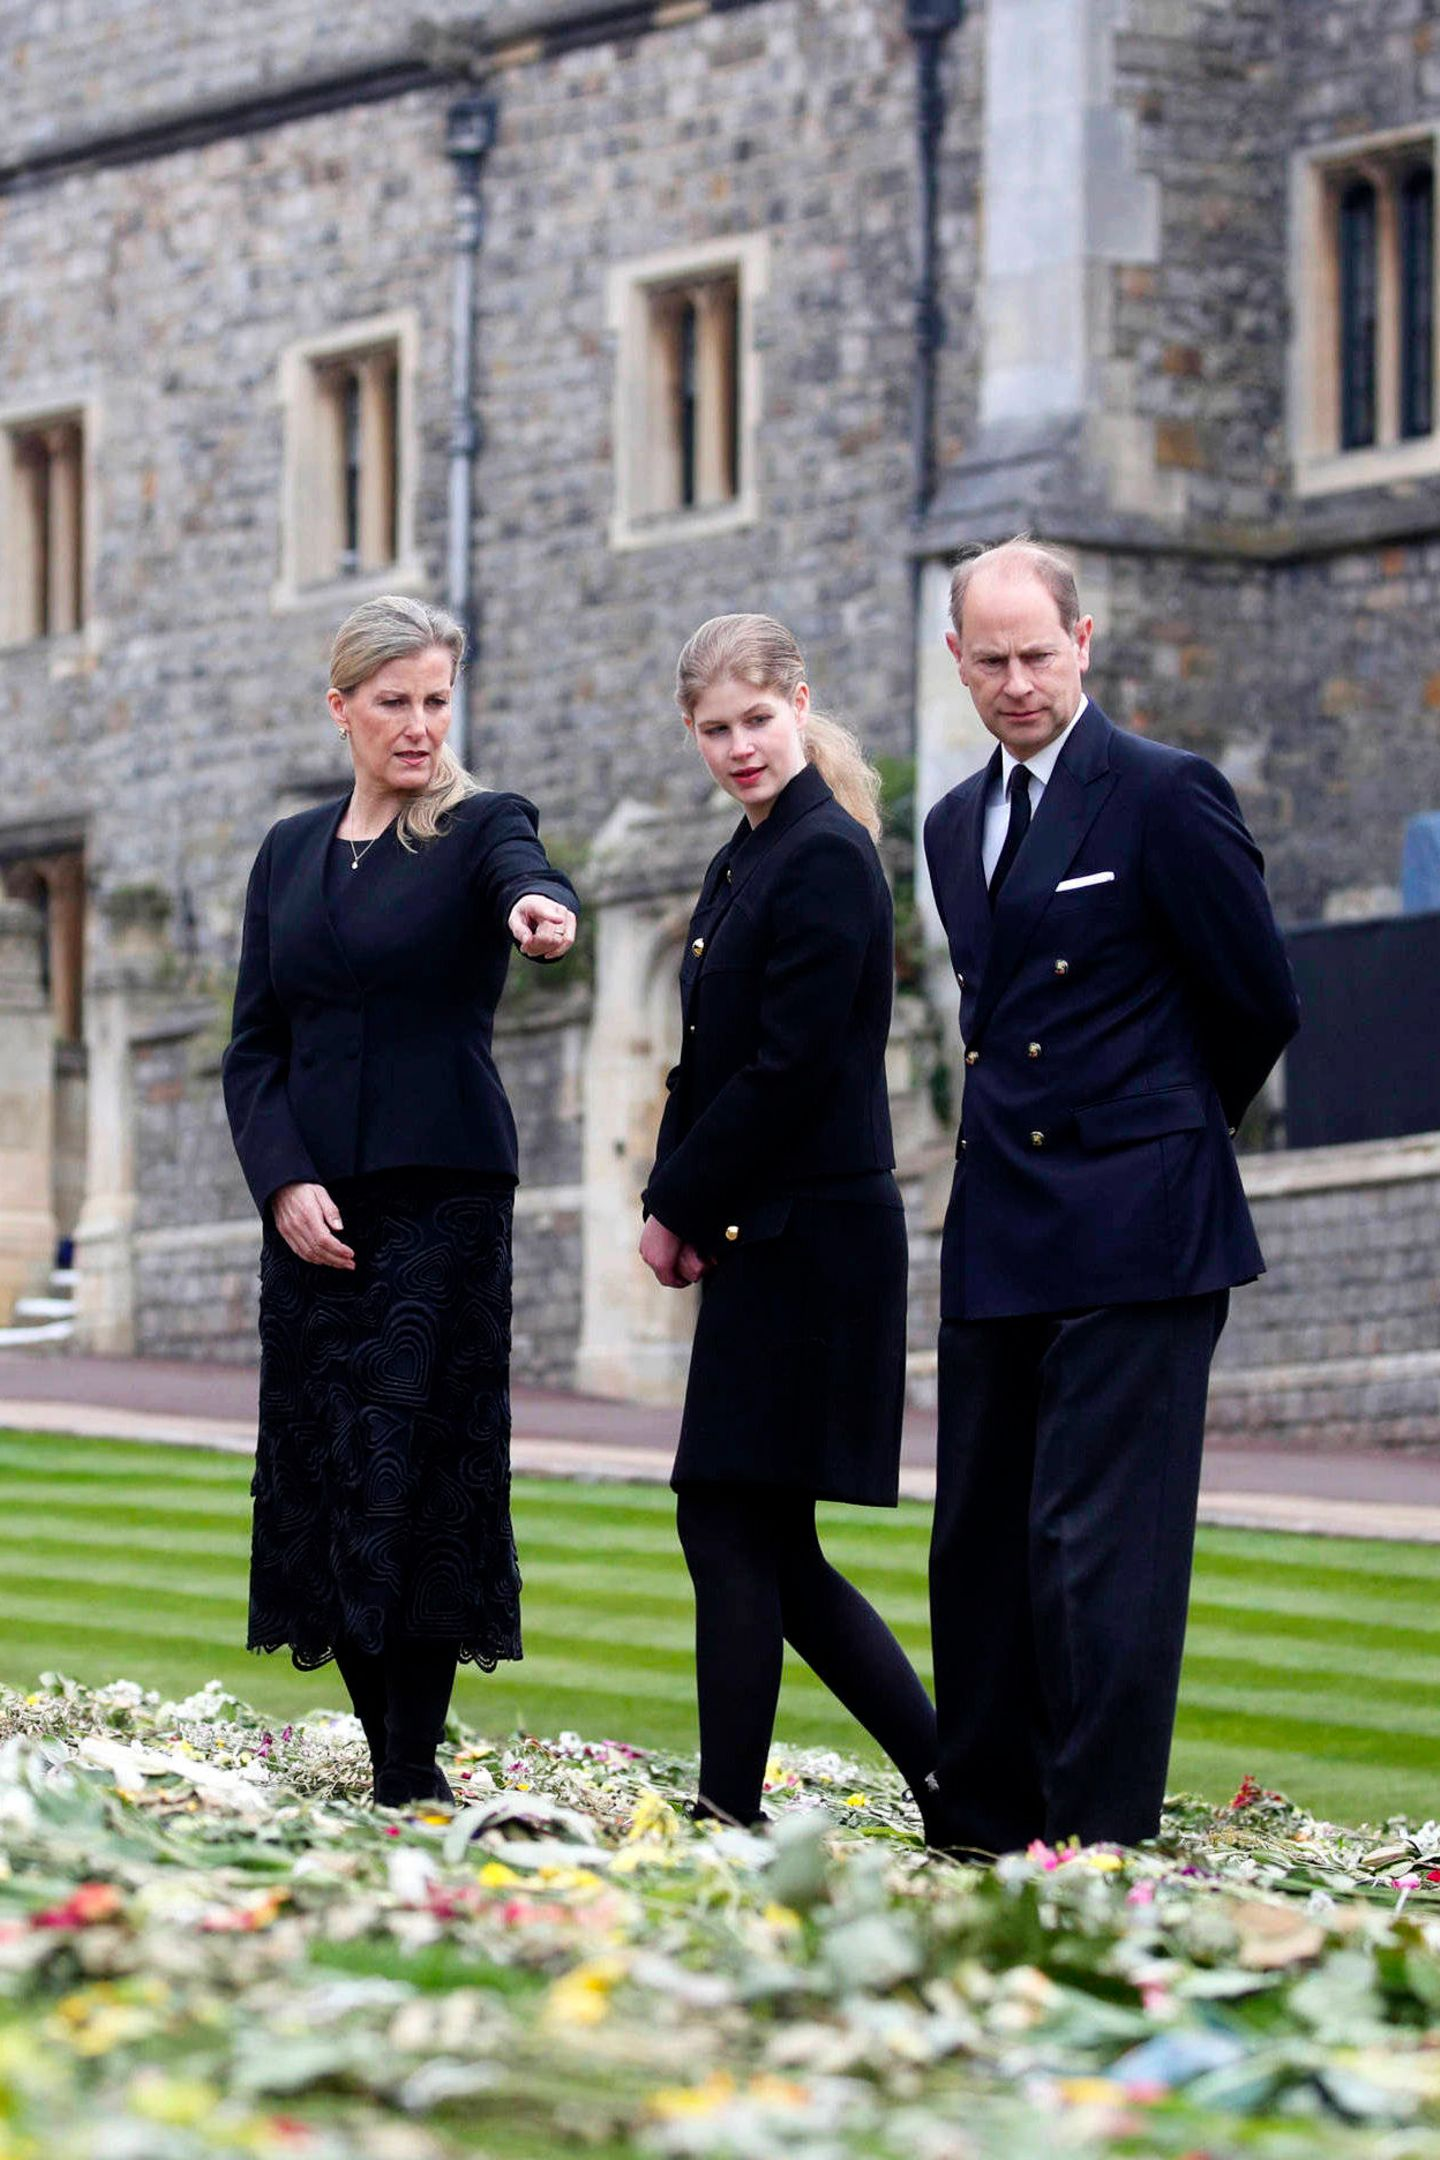 16. April 2021  Vor wenigen Tagen verlor Prinz Edward seinen Vater Prinz Philip. Jetzt sucht er Trost in den vielen Beileidsbekundungen und Blumensträußen, die Trauernde vor der St. George's Chapel niedergelegt haben.